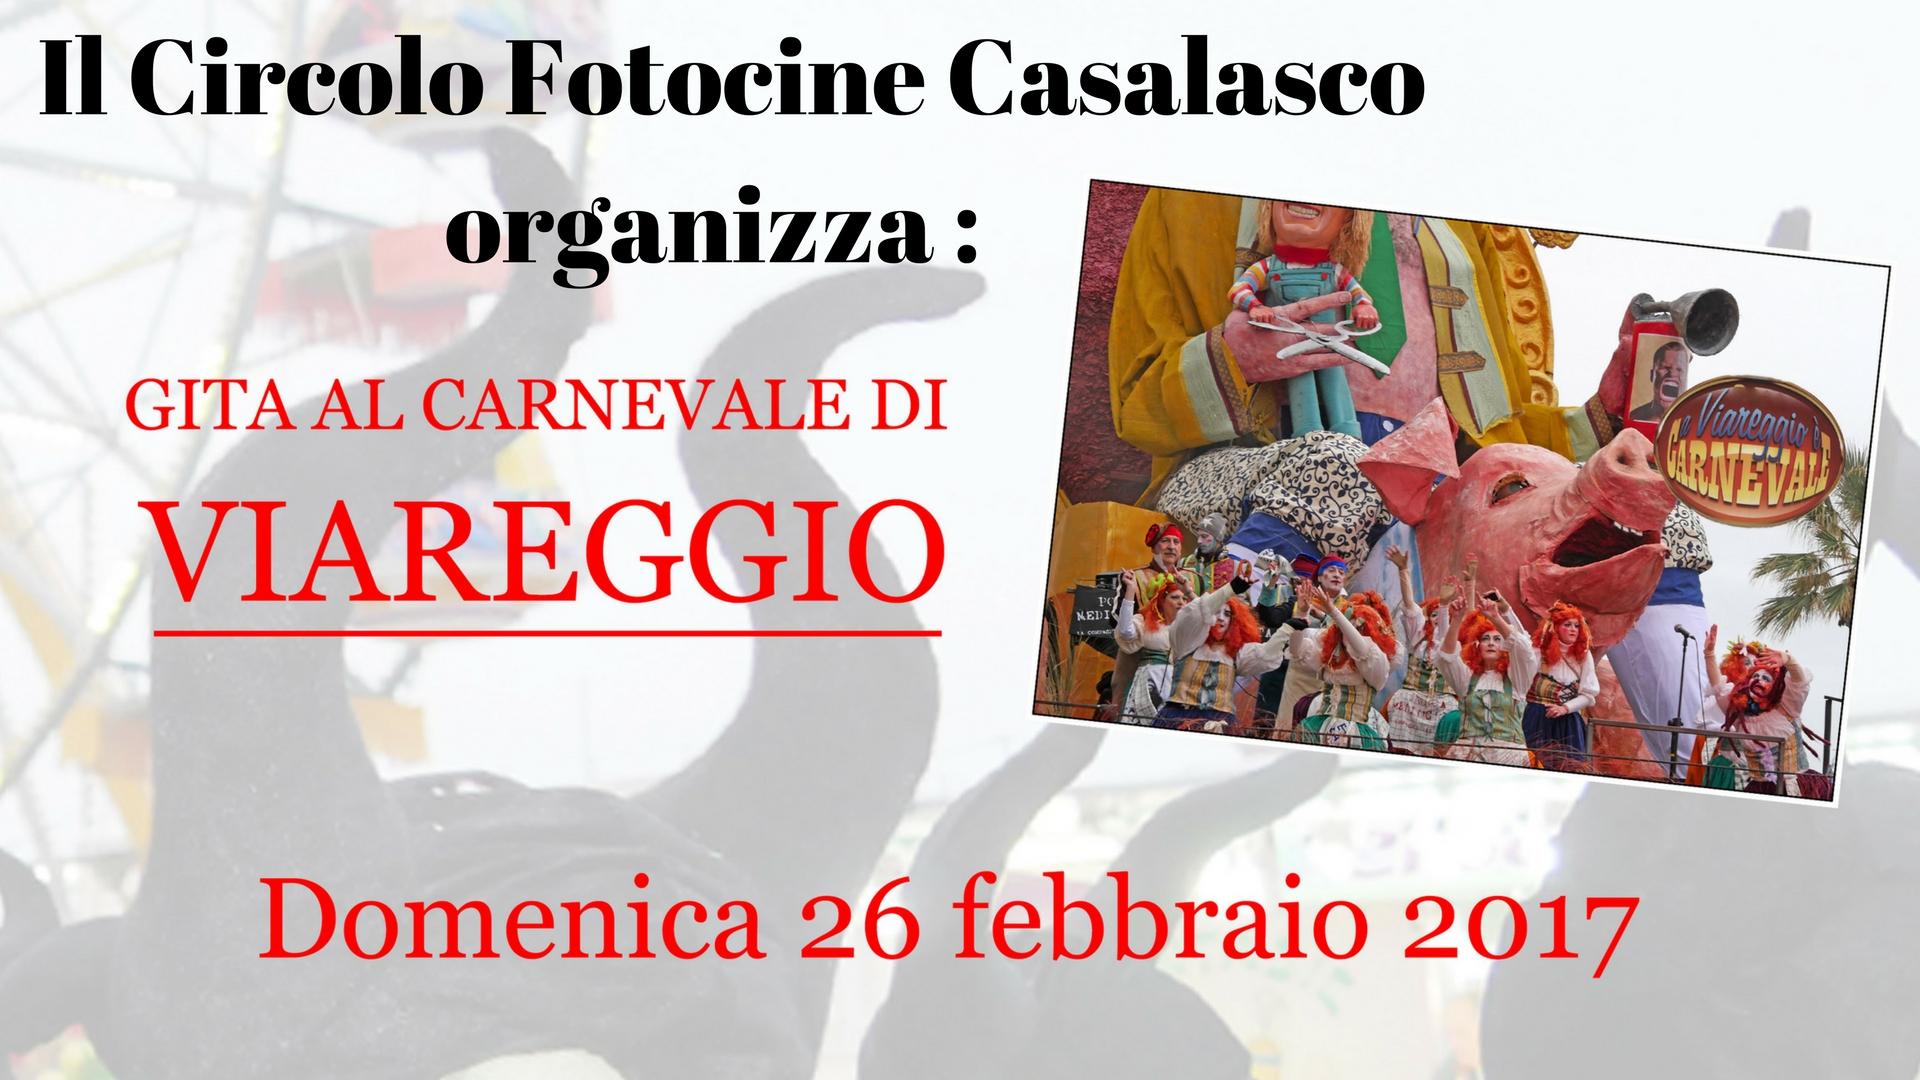 Gita al Carnevale di Viareggio – Circolo Fotocine Casalasco